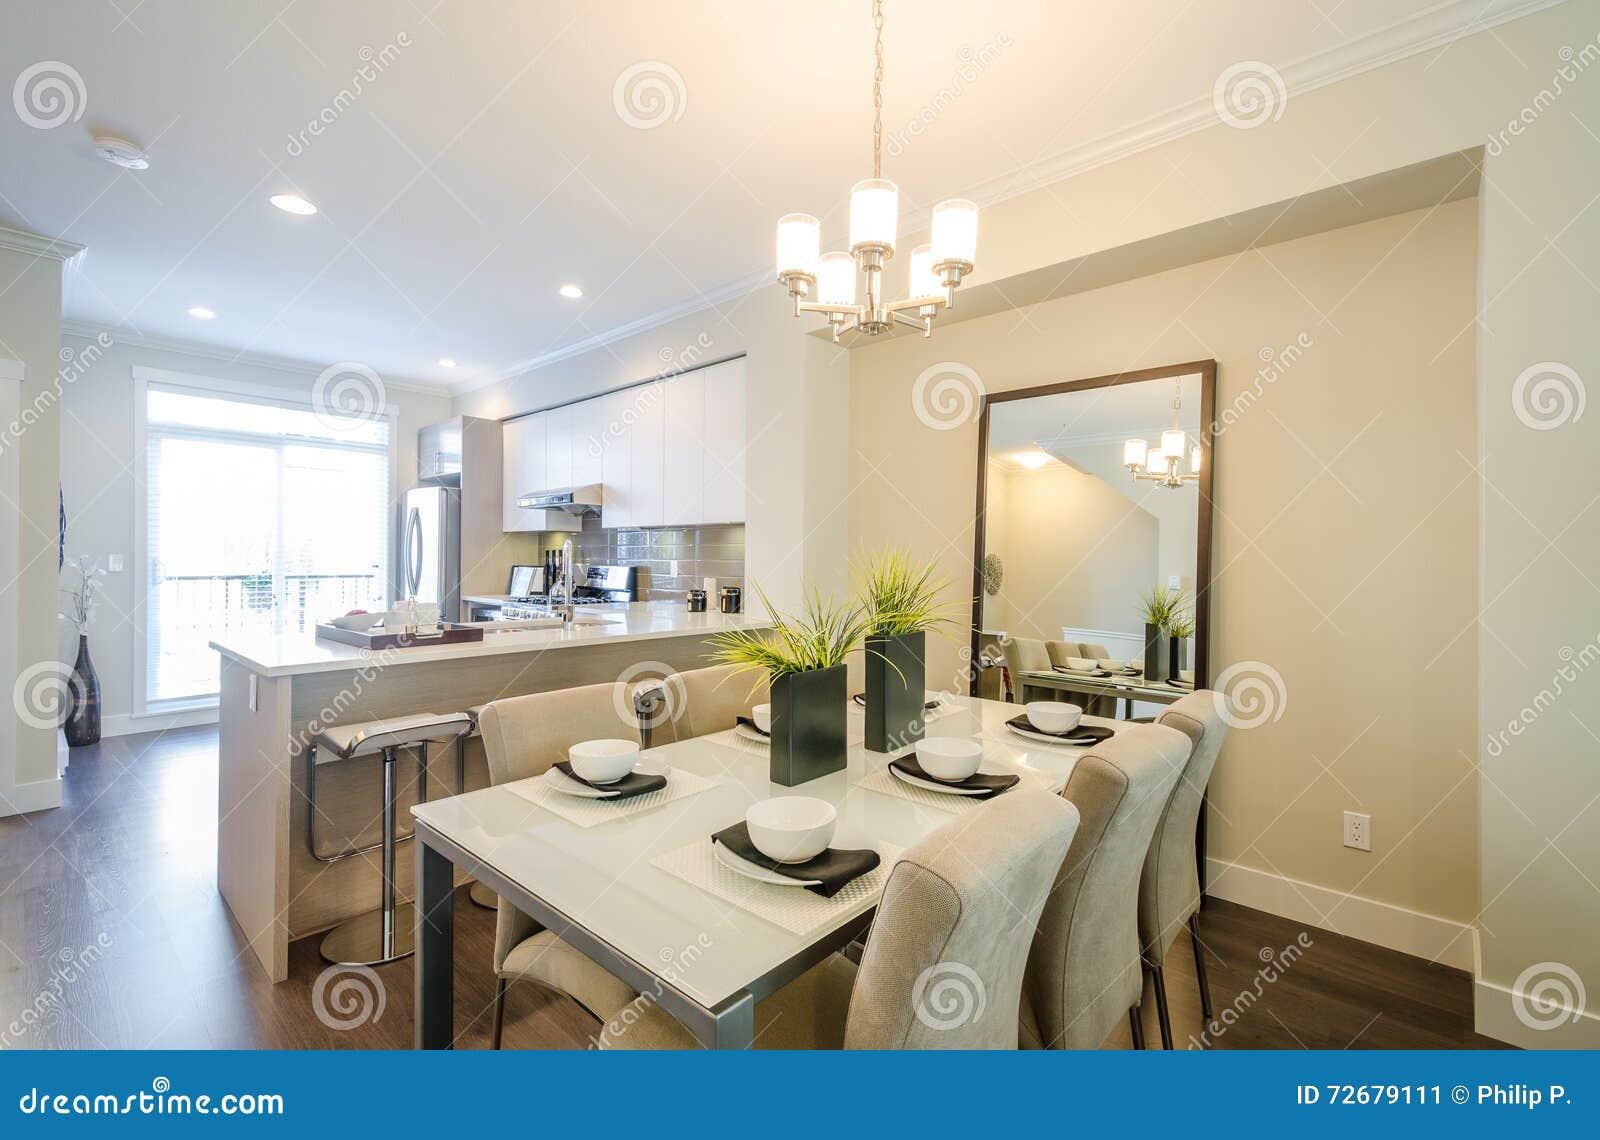 Moderne eetkamer en keuken stock foto afbeelding 72679111 - Moderne eetkamer ...